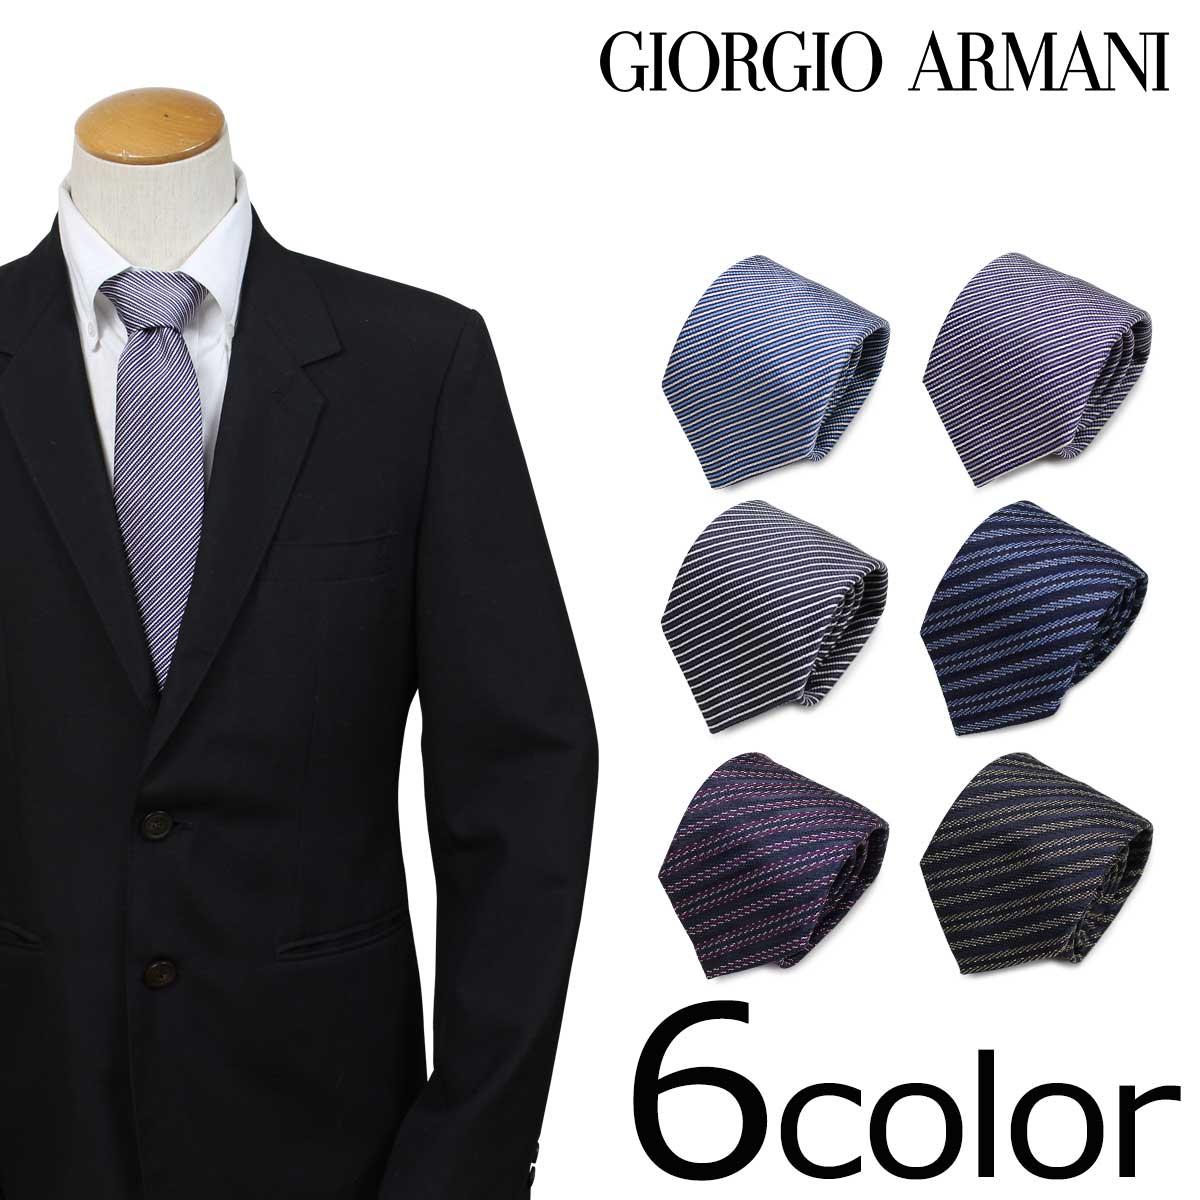 GIORGIO ARMANI ジョルジオ アルマーニ ネクタイ イタリア製 シルク ビジネス 結婚式 メンズ